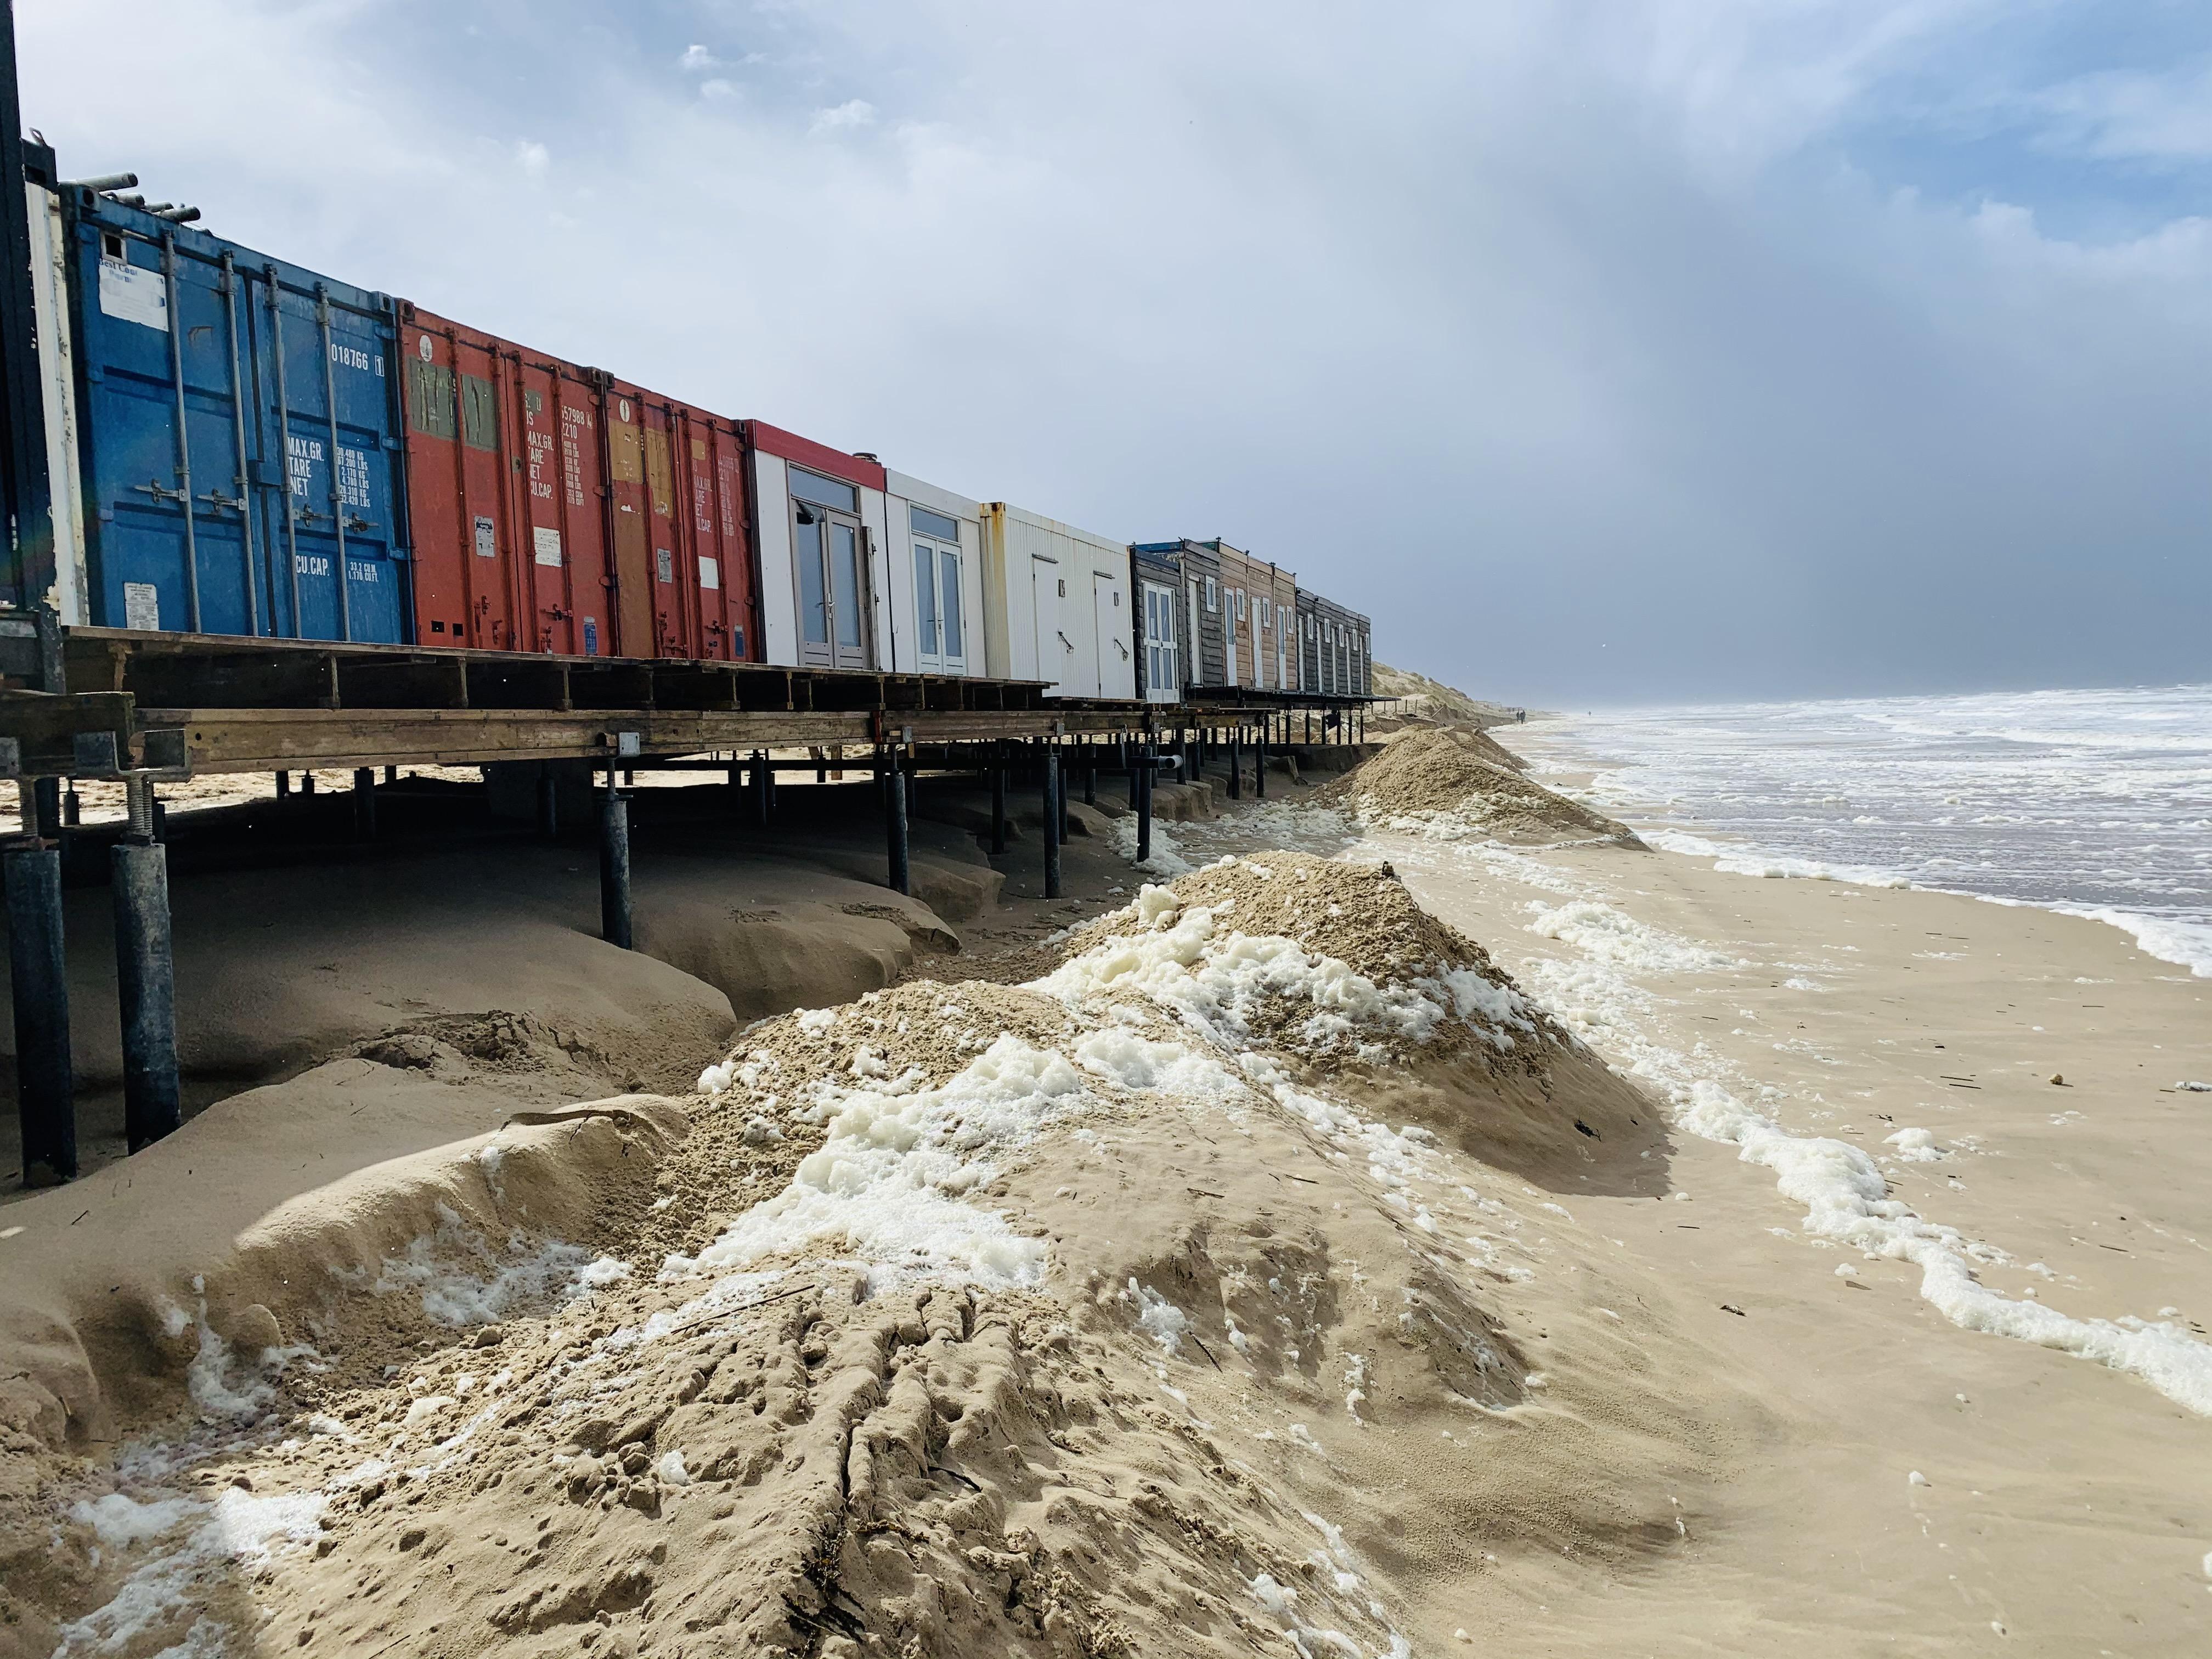 Onstuimige zee hapt deel van Castricums strandpaviljoen Bad Noord weg: 'Het stond allemaal net. Nu ben ik terug bij af en misschien wel verder terug'